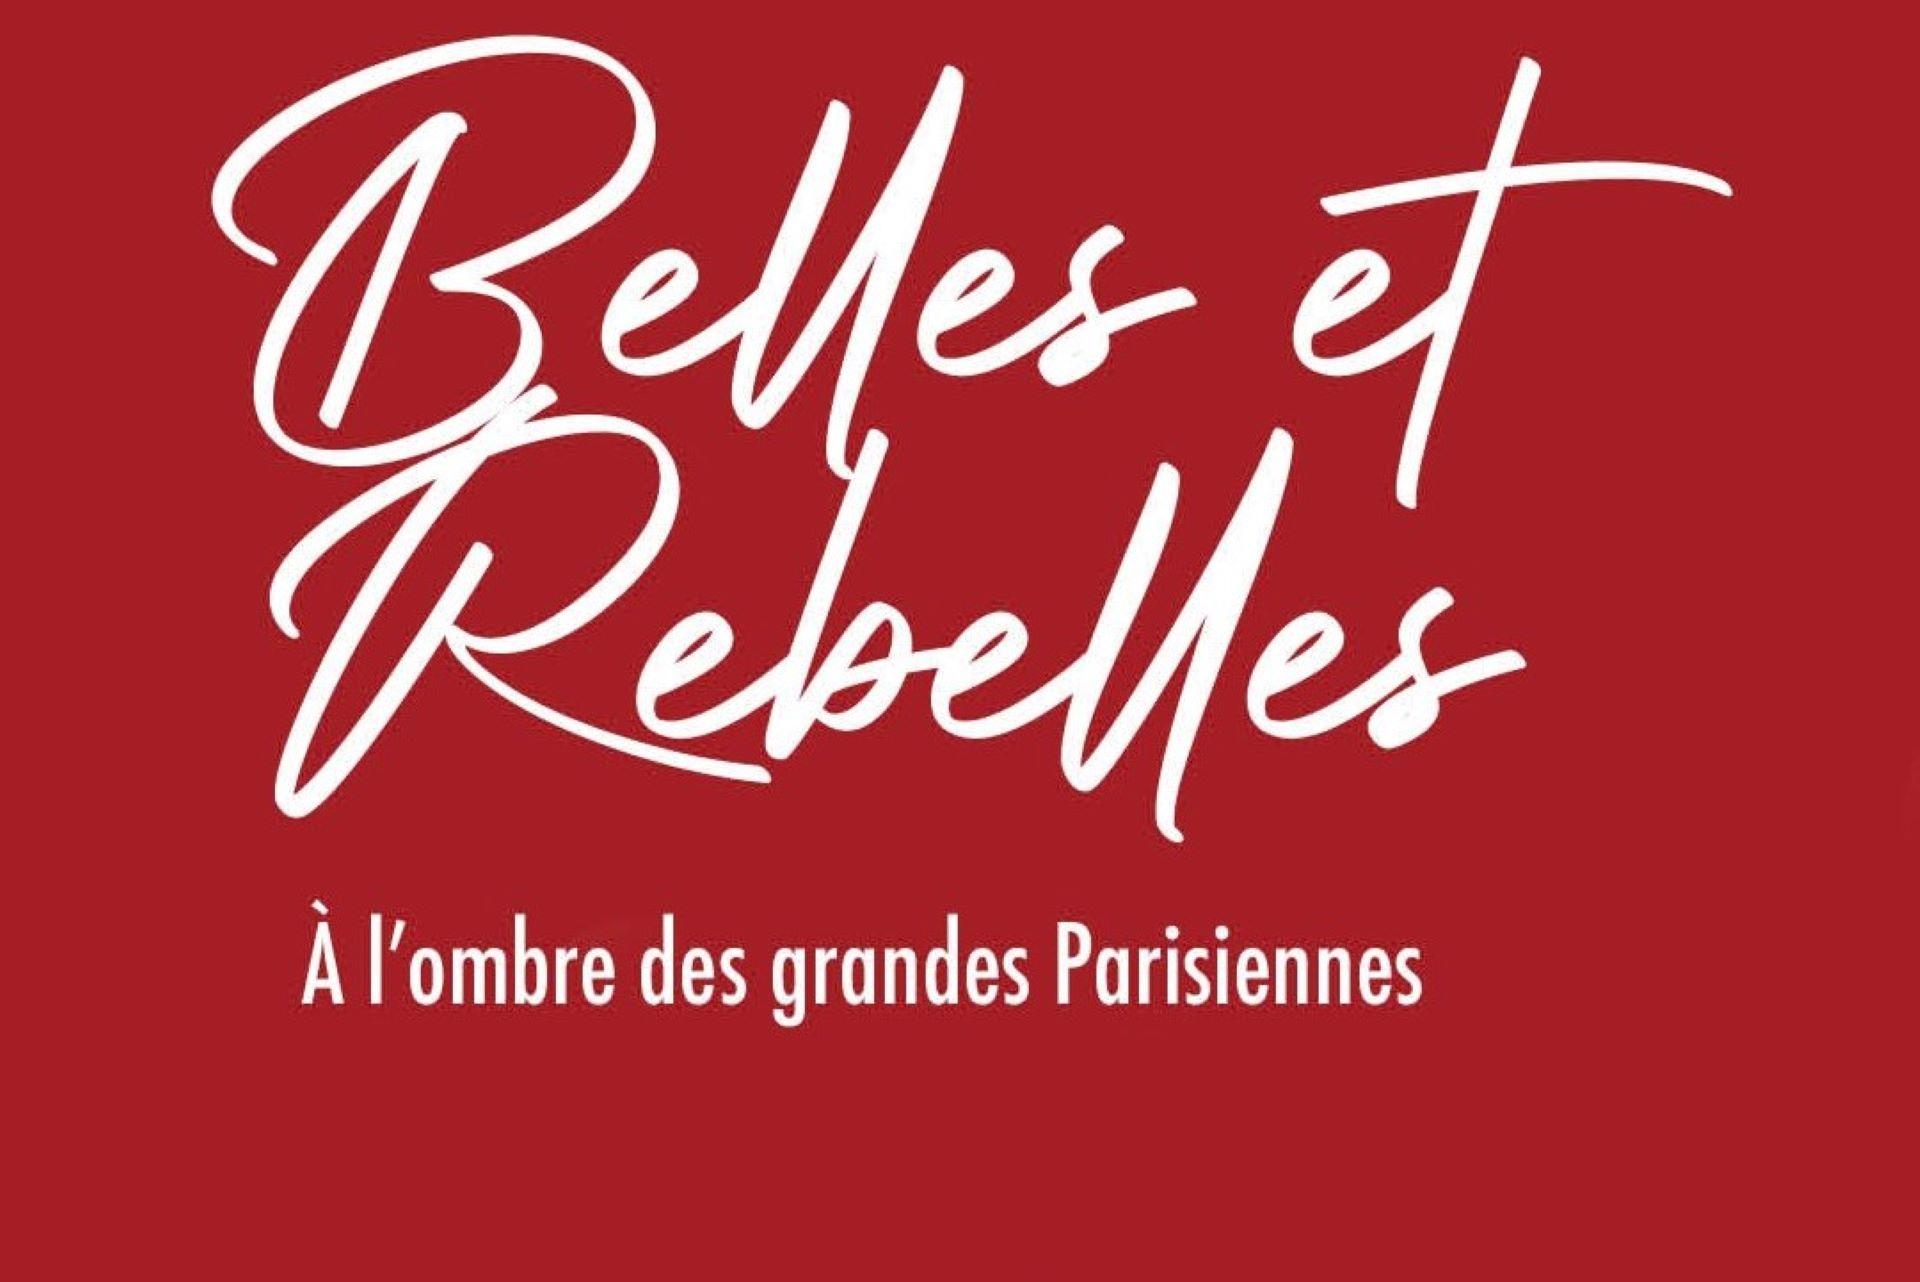 Femmes dans l'histoire de France : Belles et rebelles d'Edith de Belleville